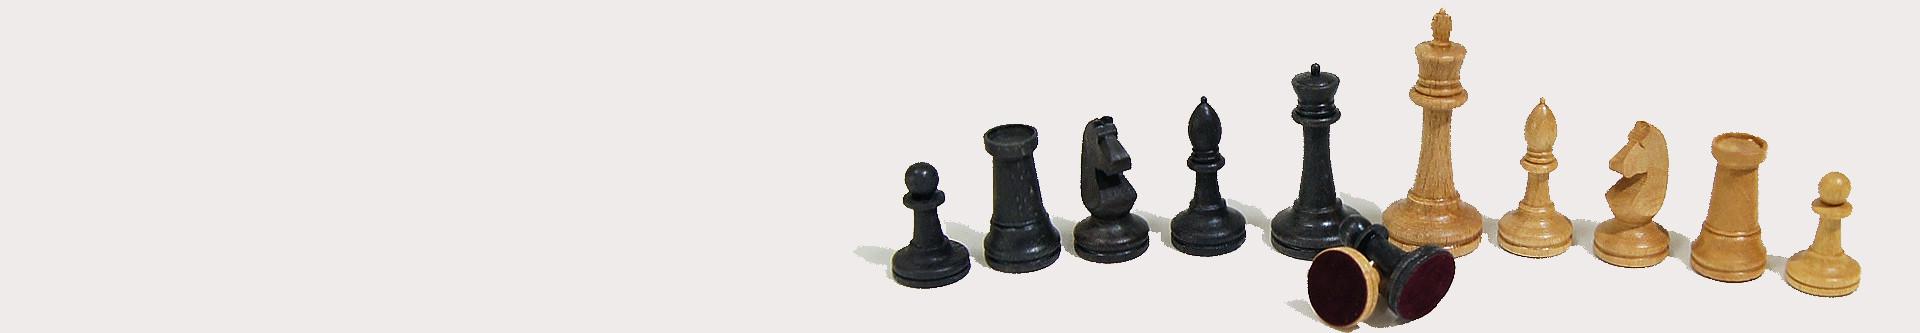 Недорогие шахматы - купить в интернет-магазине настольных игр ручной работы ❤